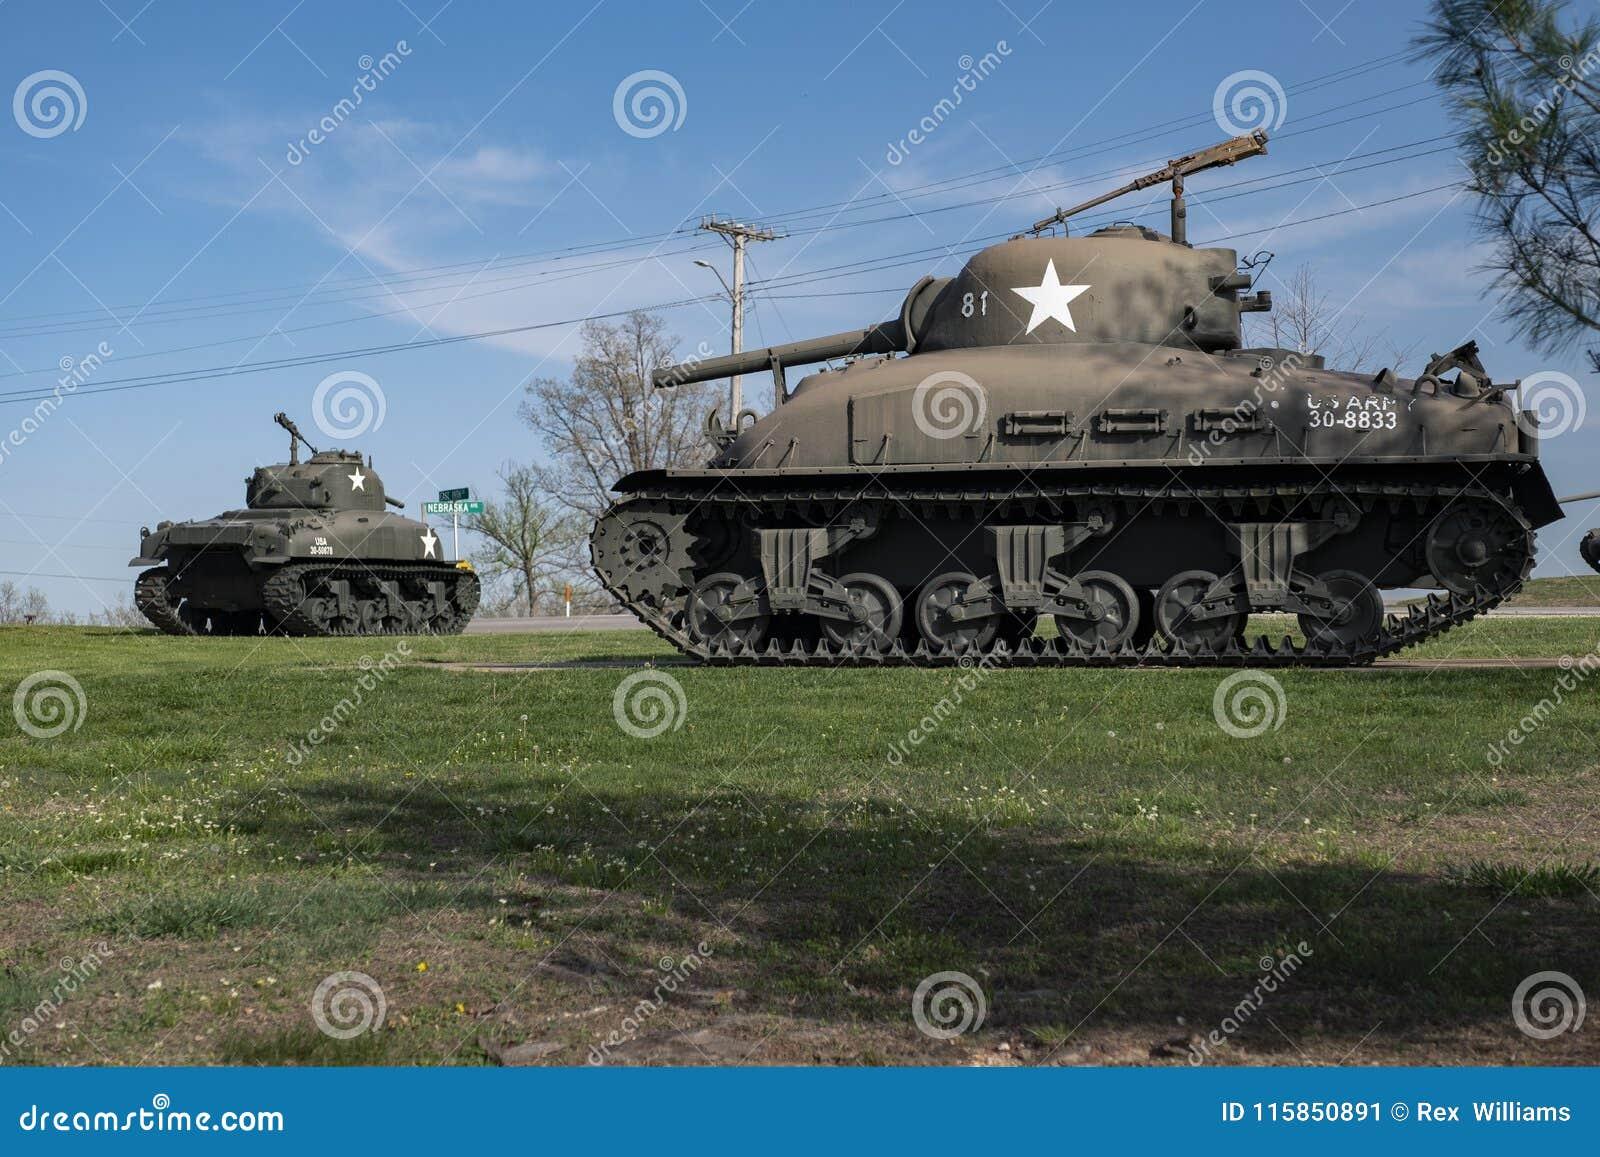 BOIS DE LÉONARD DE FORT, MOIS 29 AVRIL 2018 : Véhicule militaire Sherman Flame Tank